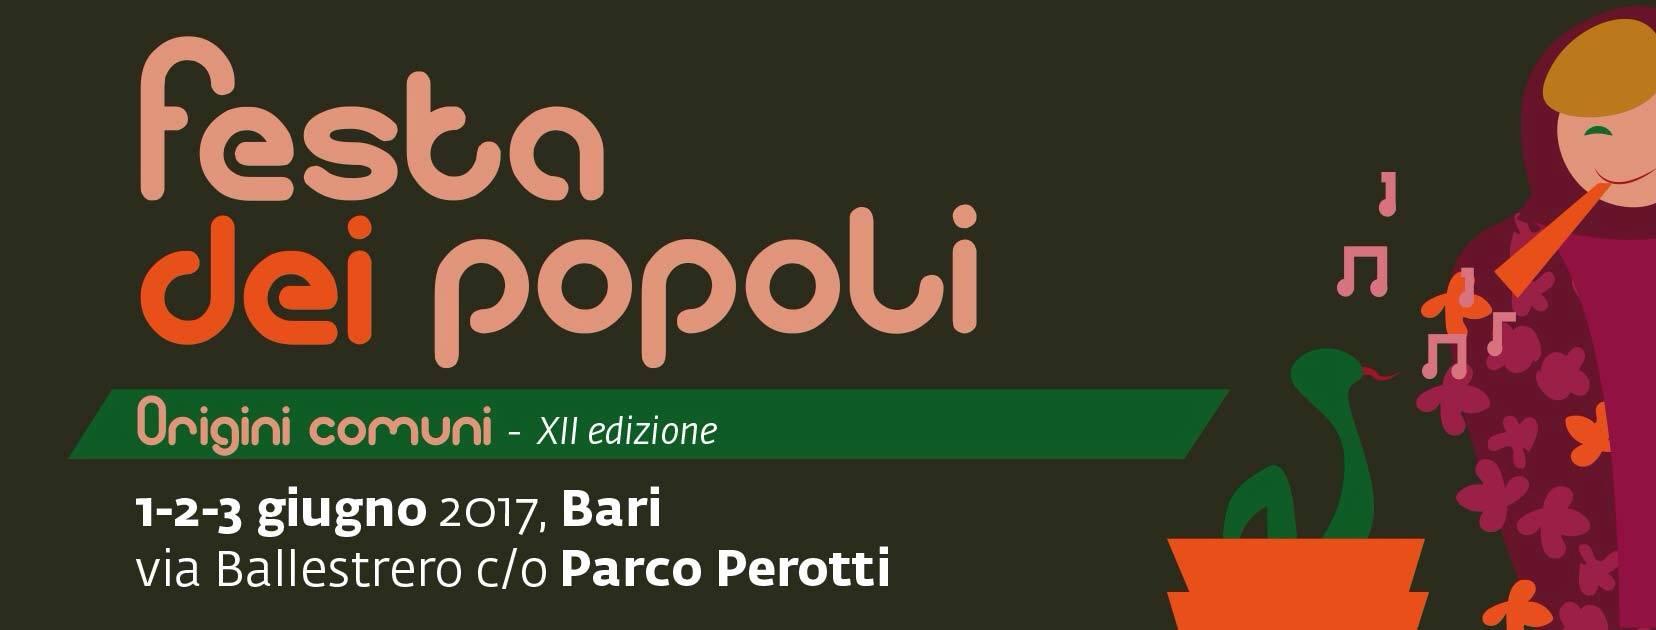 Festa dei popoli 2017 @ Parco Punta Perotti - Bari | Bari | Puglia | Italia